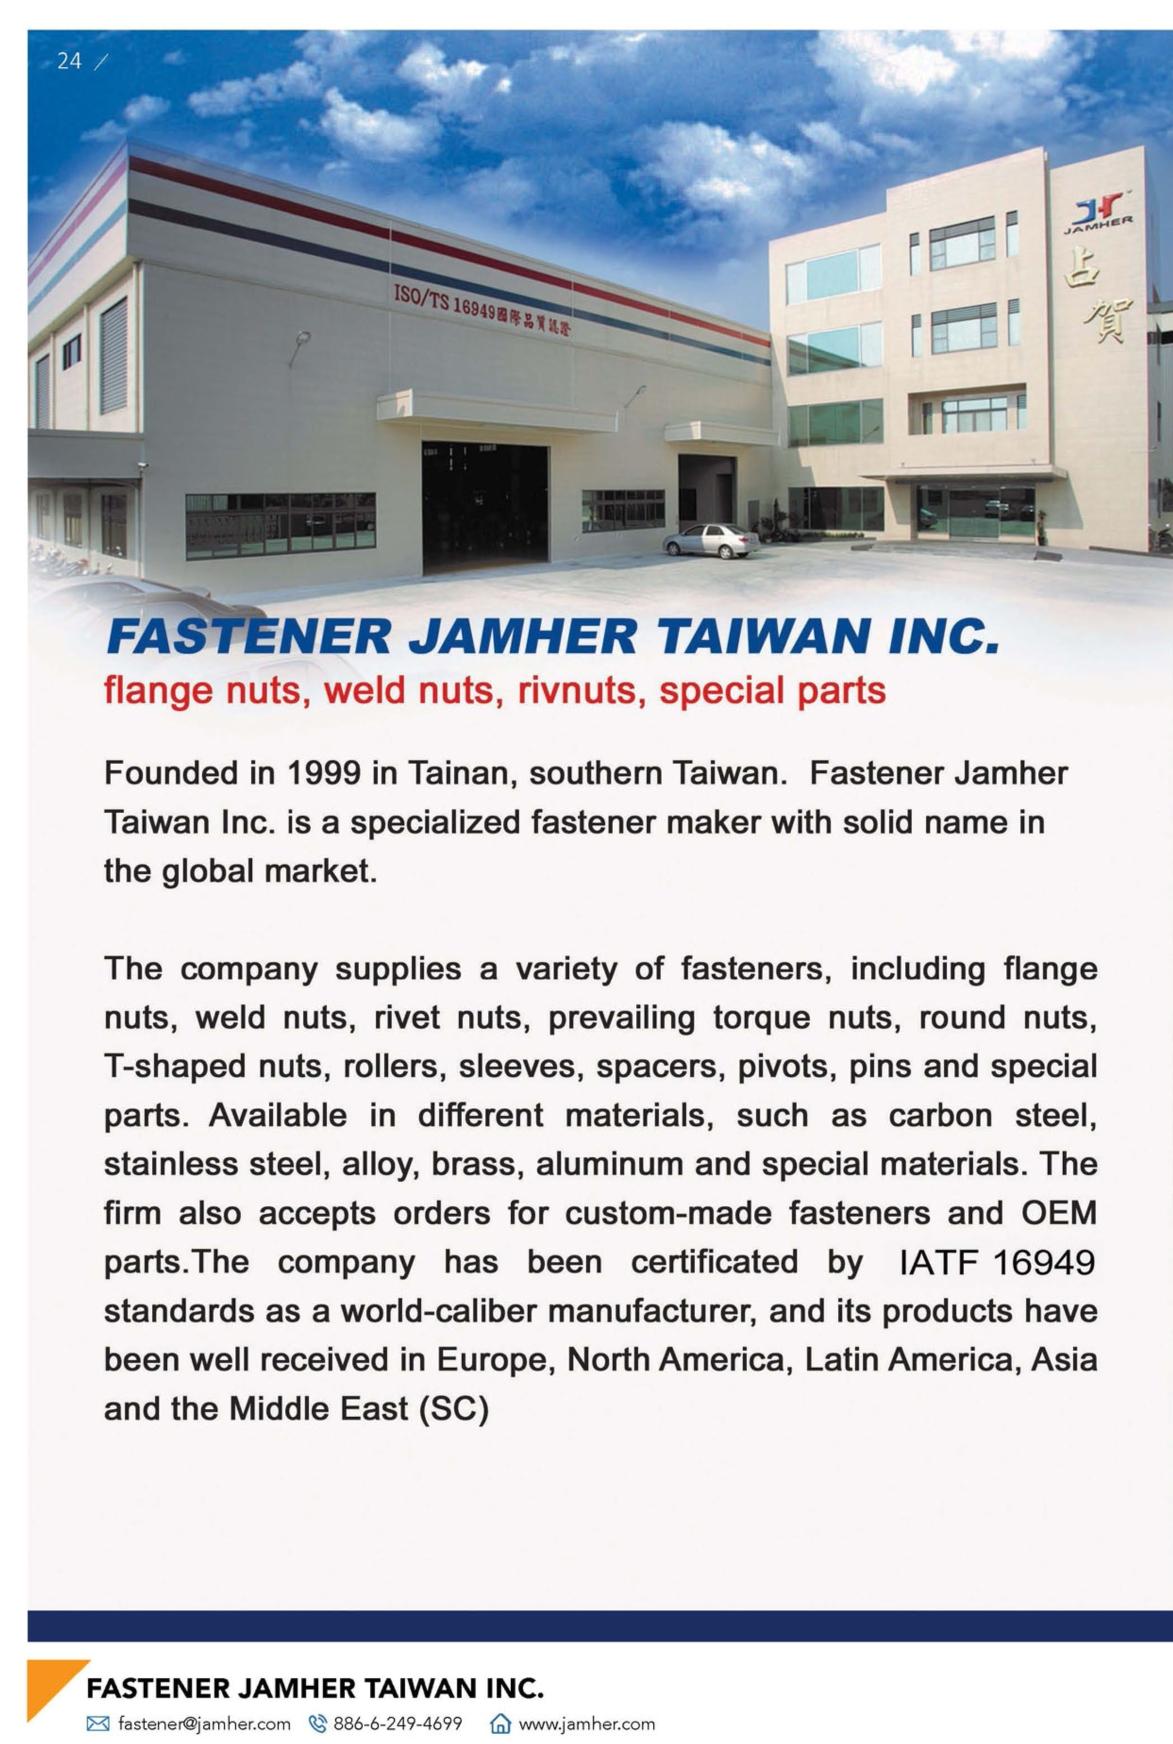 Fasteners E-Magazine FASTENER JAMHER TAIWAN INC.